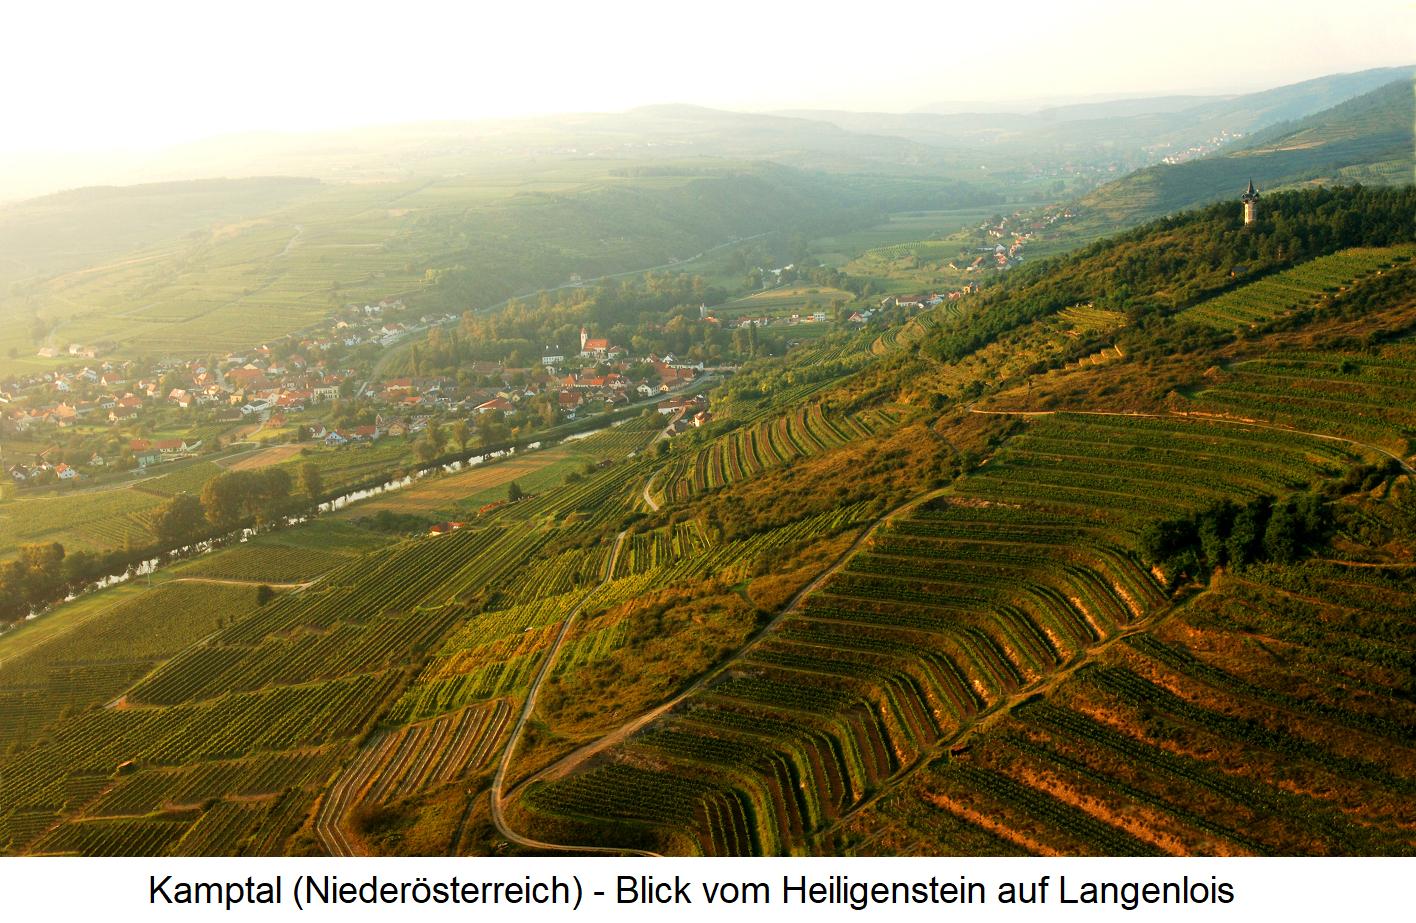 Langenlois - View from Heiligenstein on Langenlois